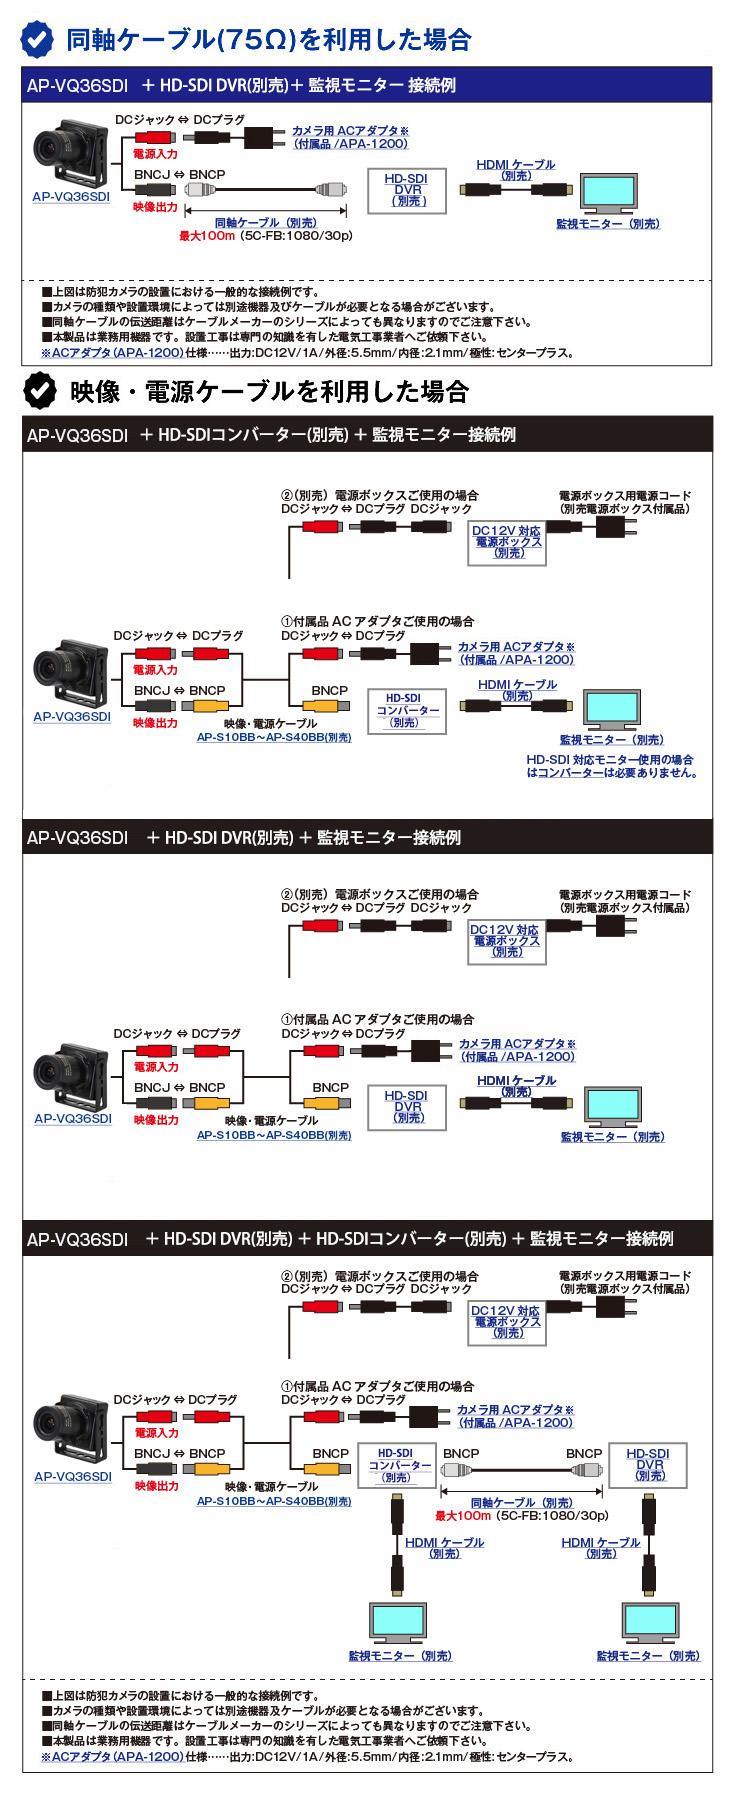 HD-SDI 218万画素バリフォーカル監視カメラ【AP-VQ36SDI】